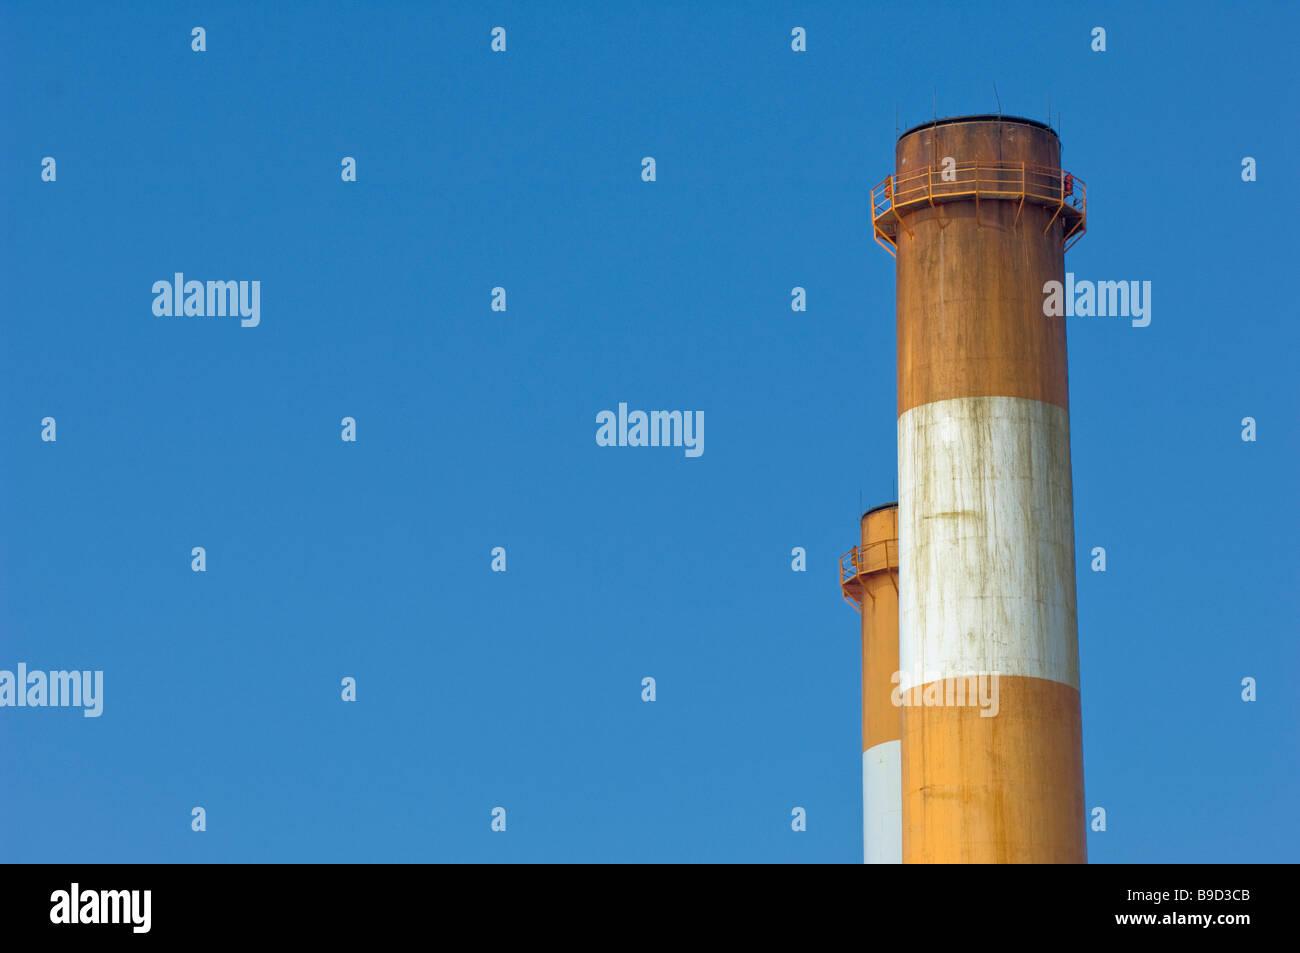 Schornstein Luft Qualität Verschmutzung Himmel sauber schmutzig Stockfoto